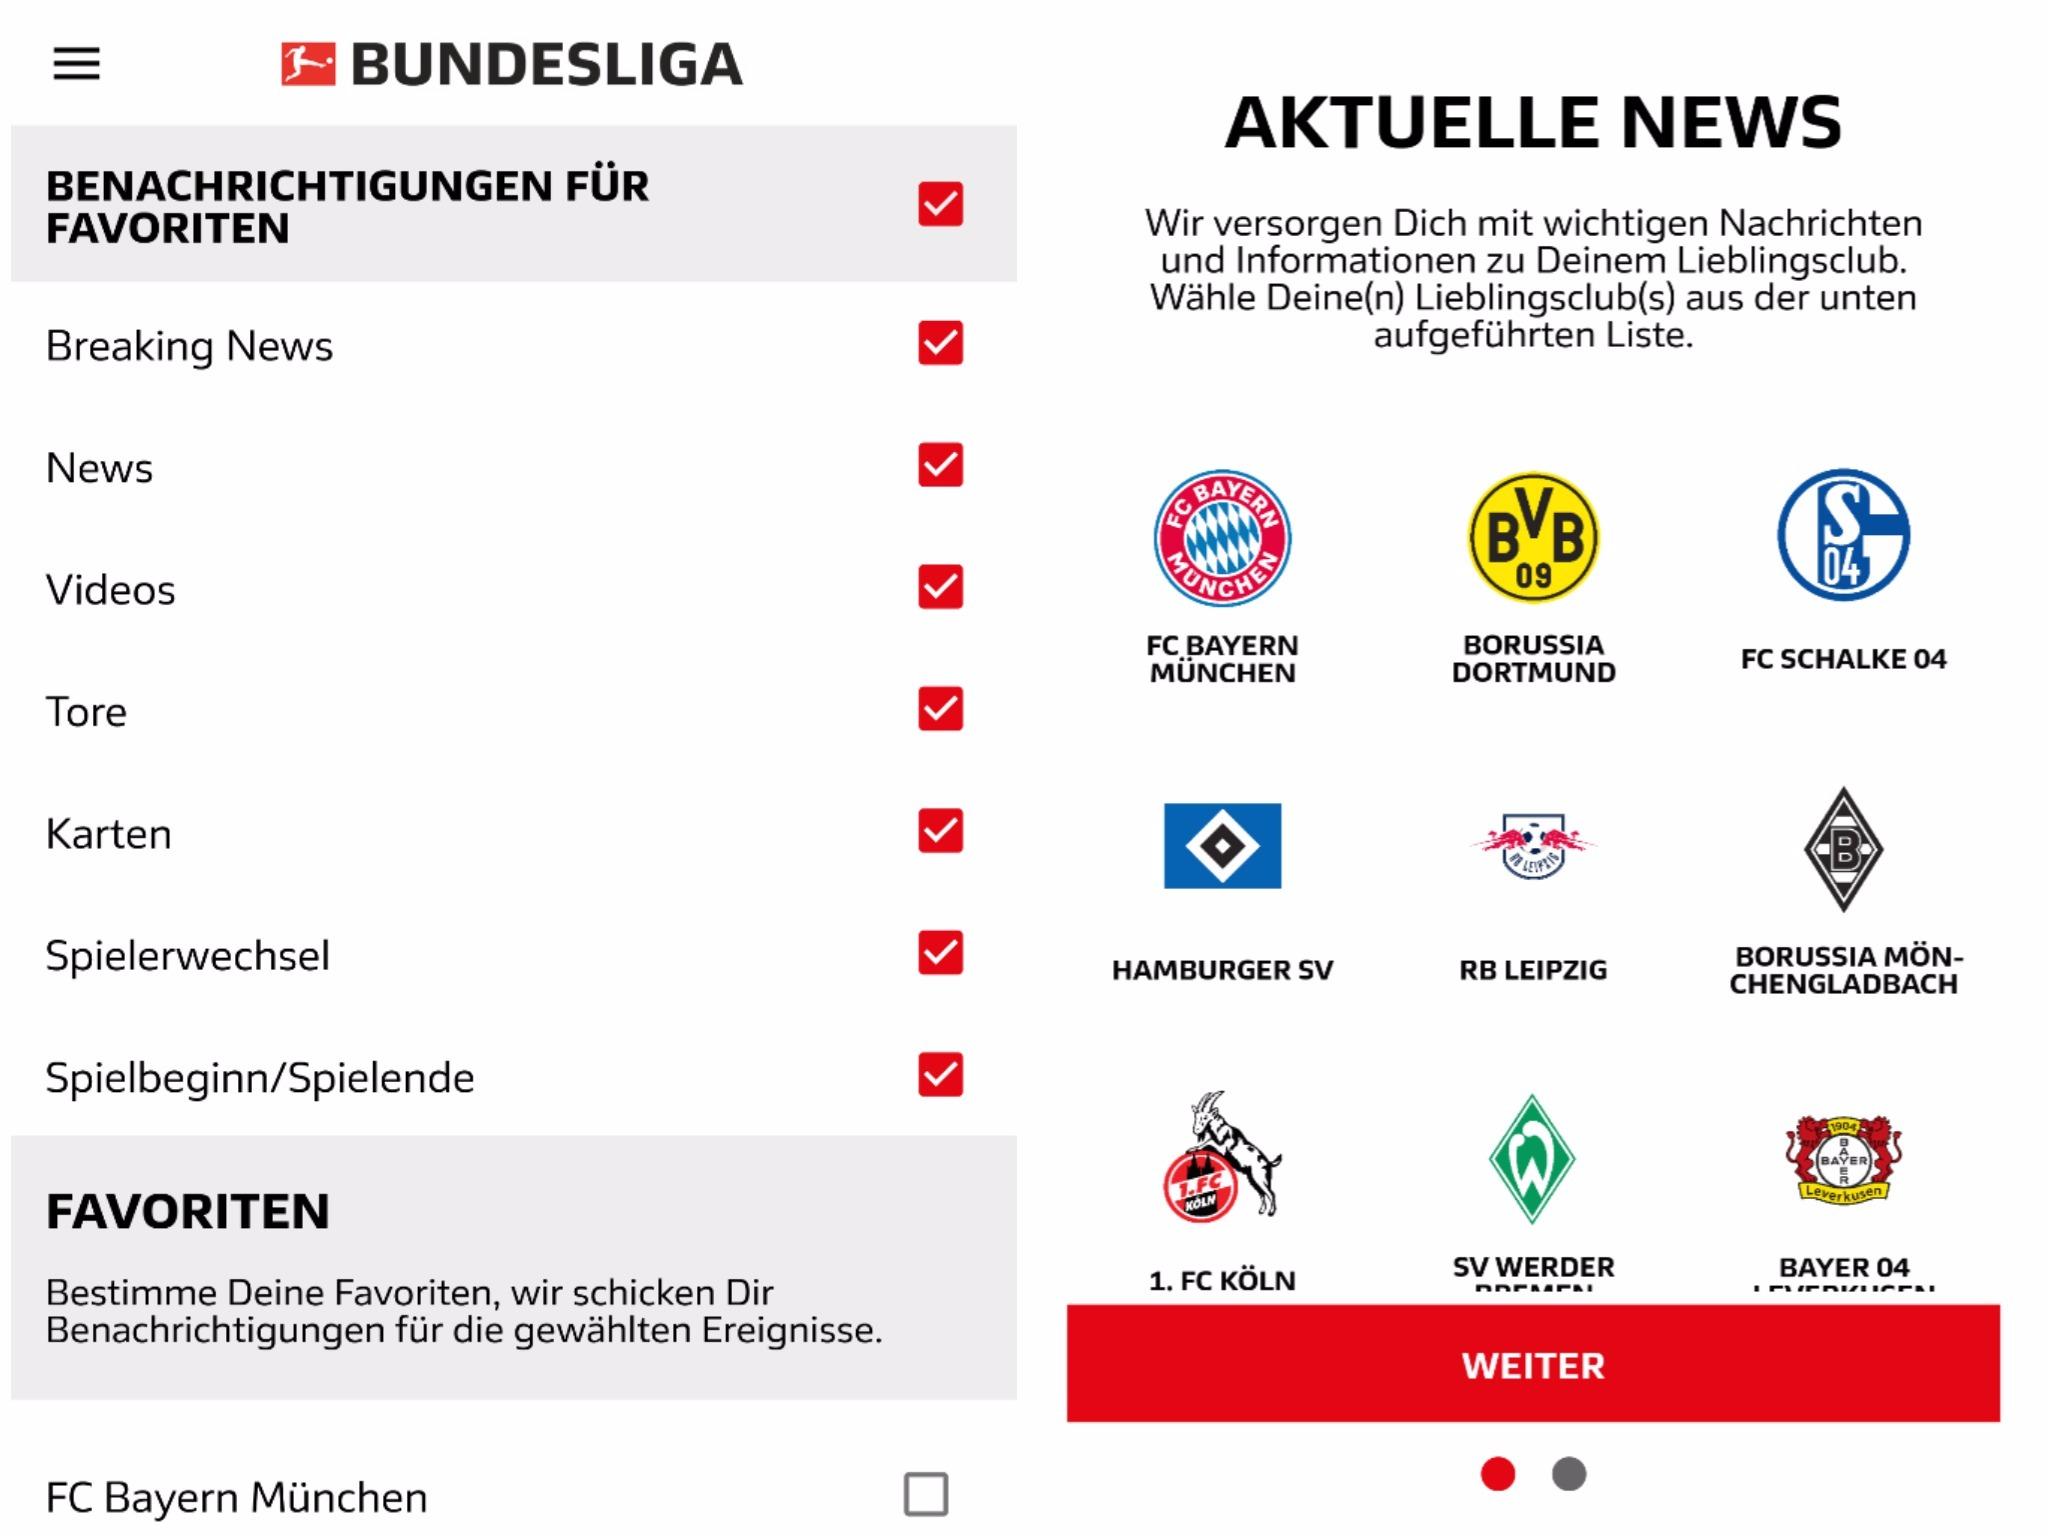 Aktuelle Fußballnachrichten erhält man weiterhin über die Bundesliga App. Screenshot: Bundesliga App